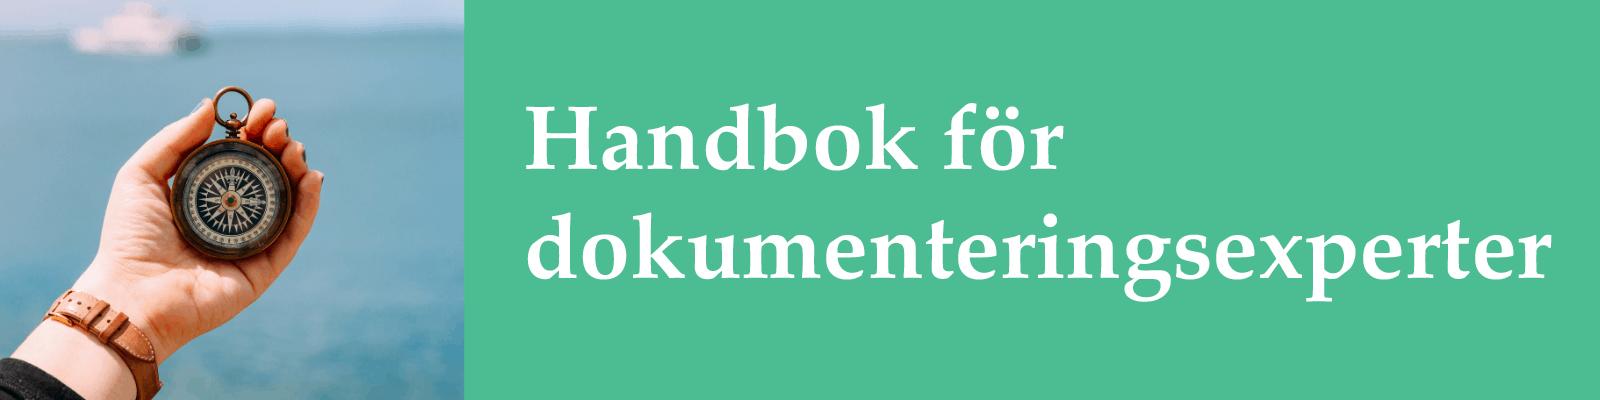 Handbok för dokumenteringsexperter